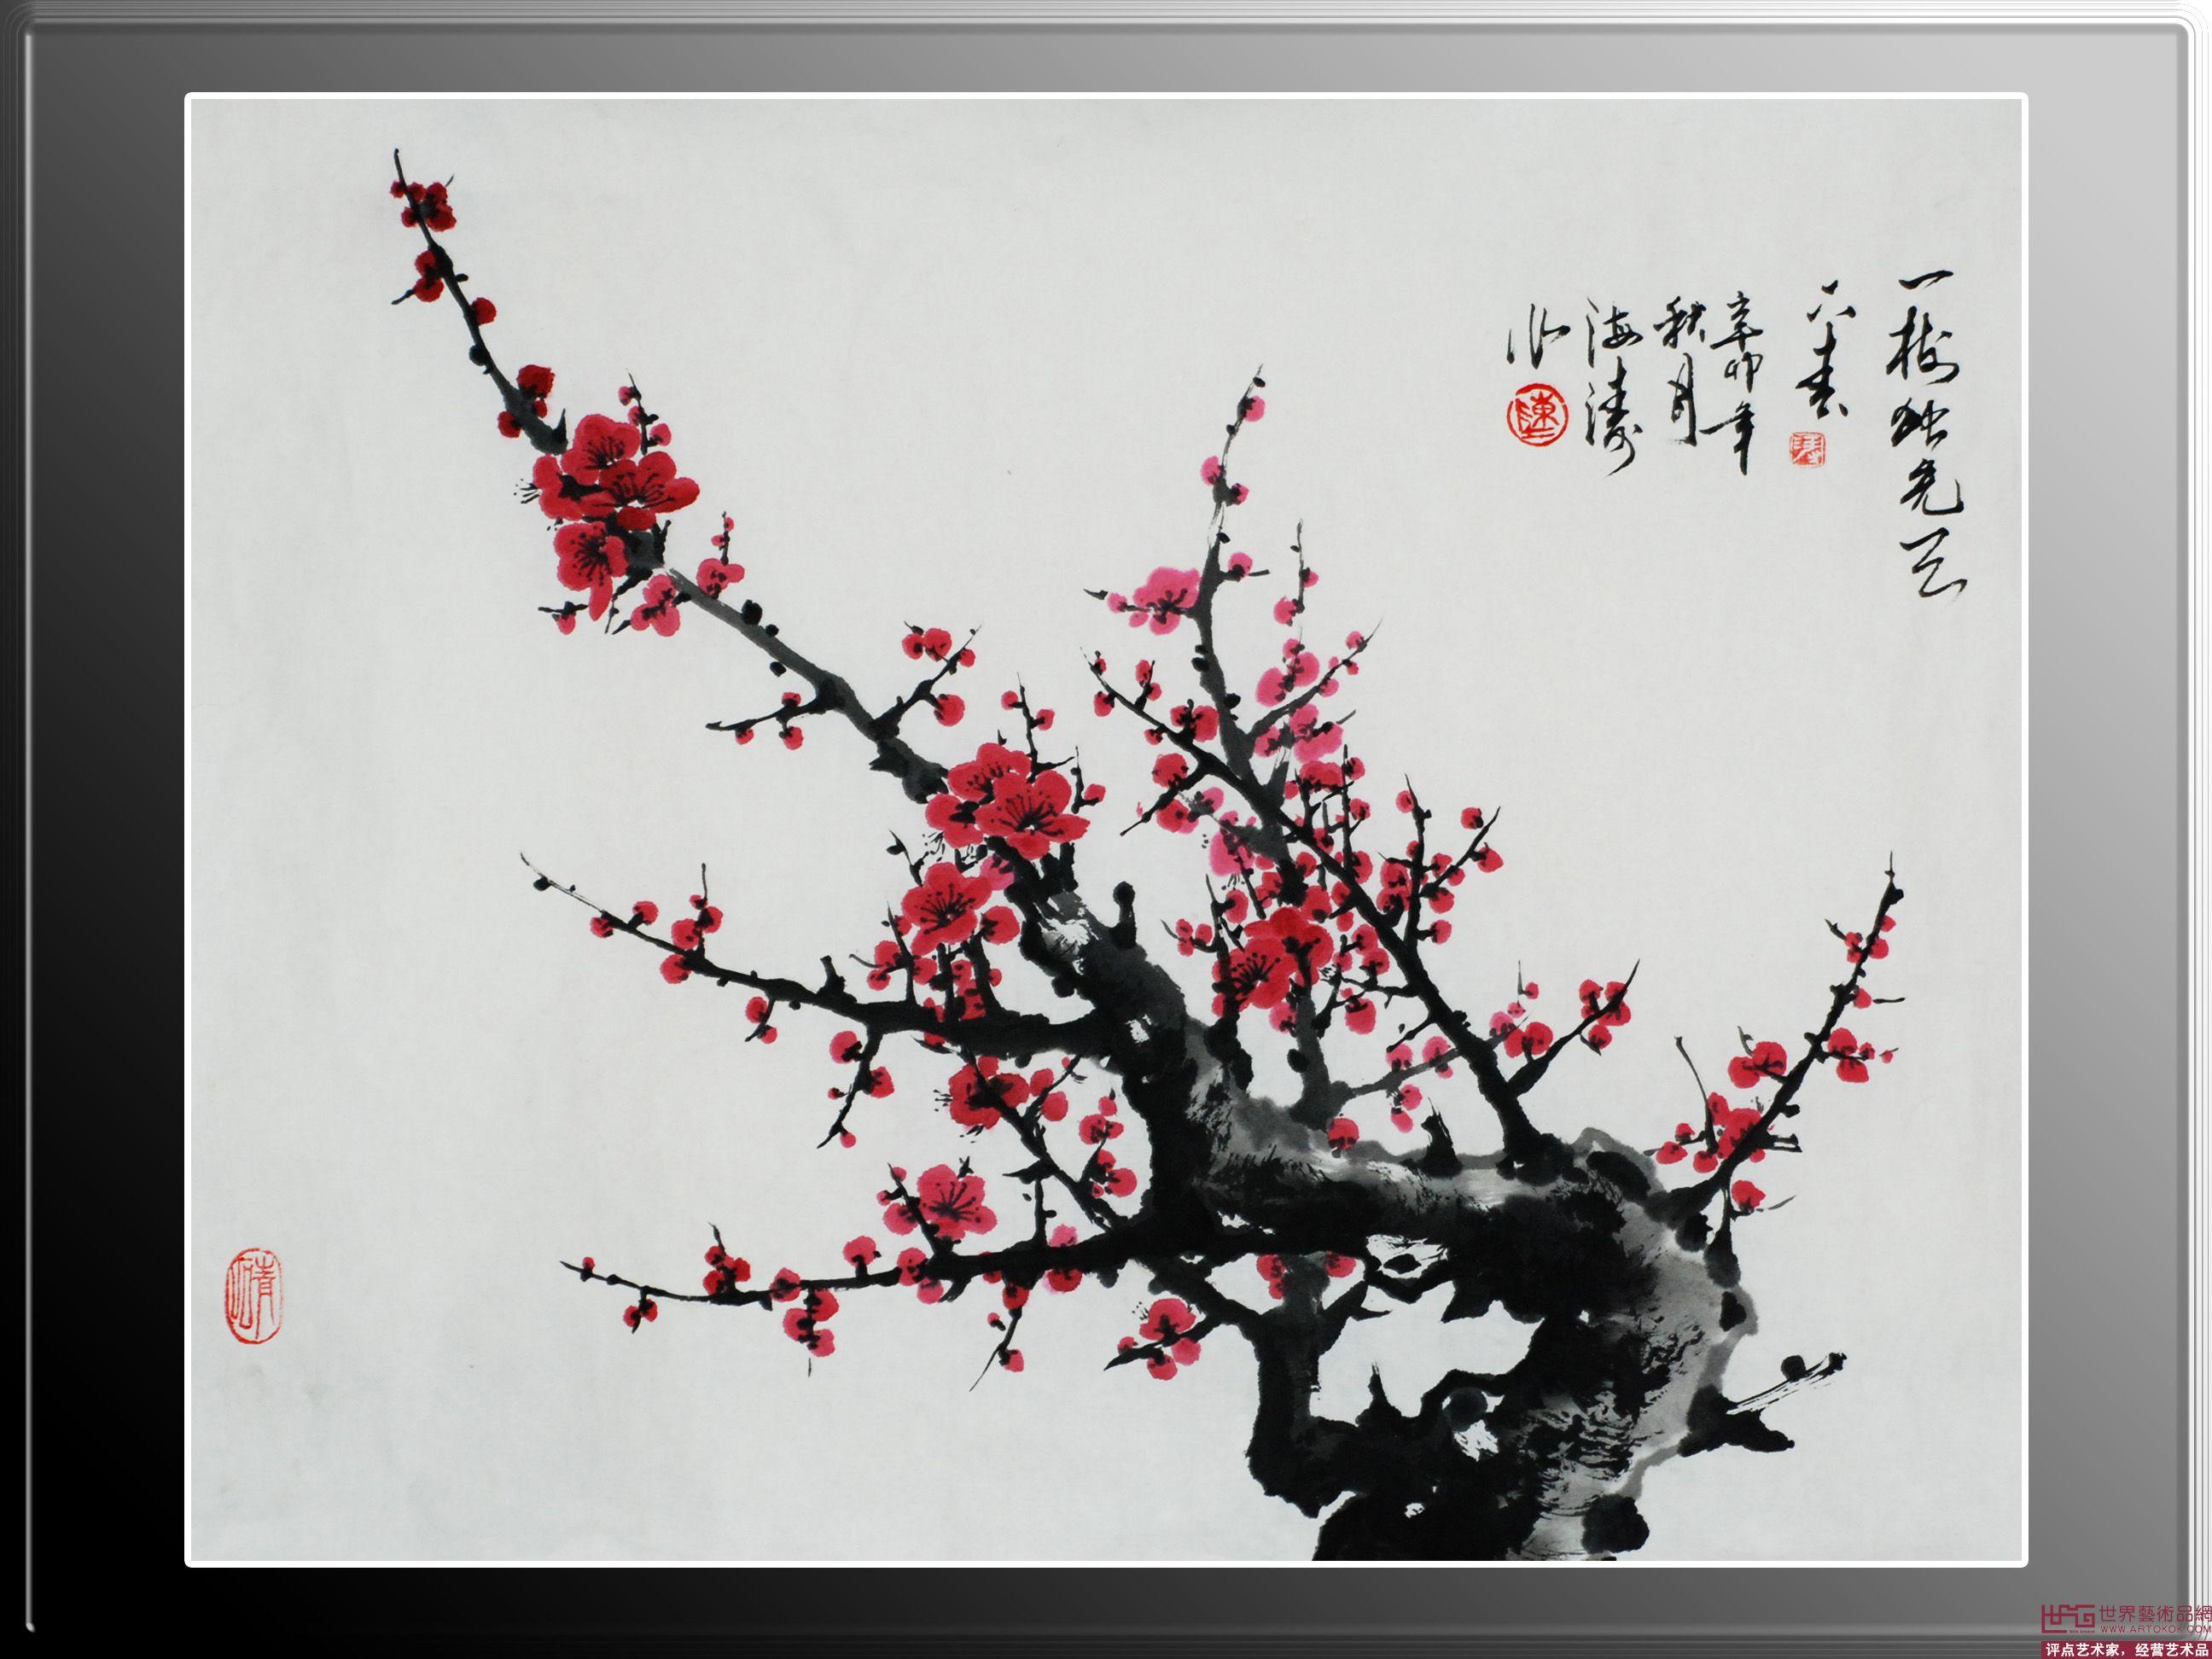 梅花水墨画加树素材